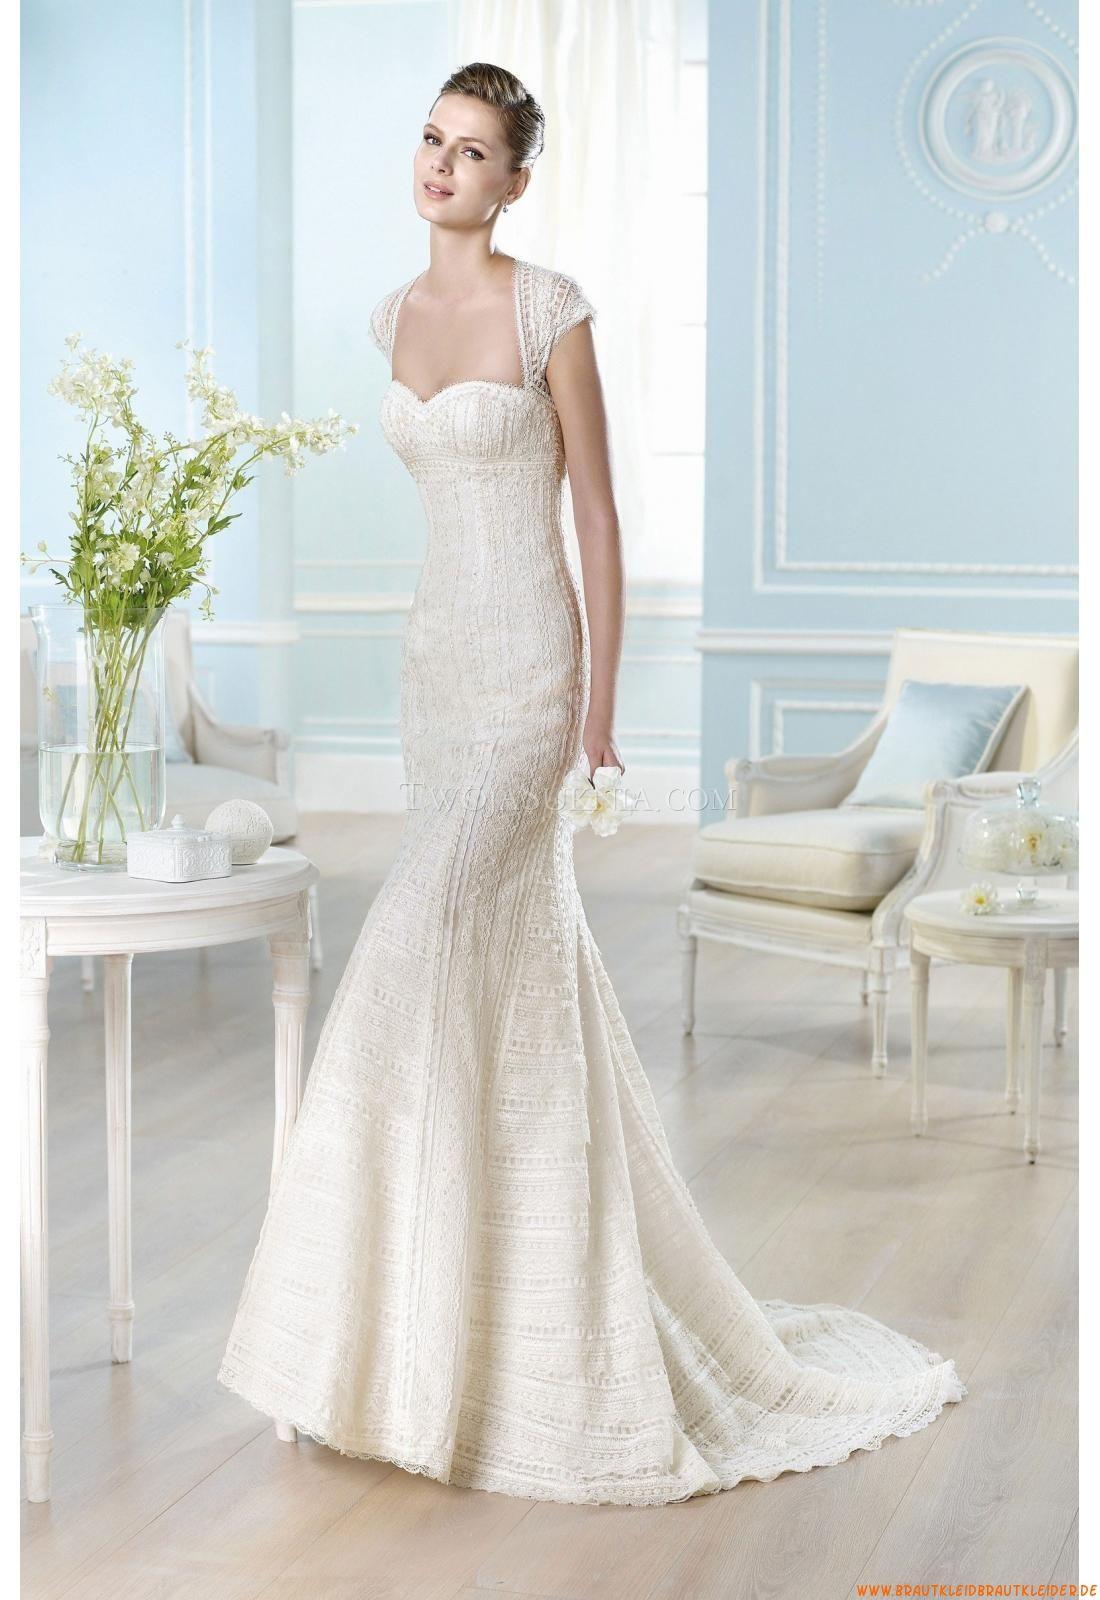 Rückenfrei Elegante Brautkleider | out door bridal gowns | Pinterest ...